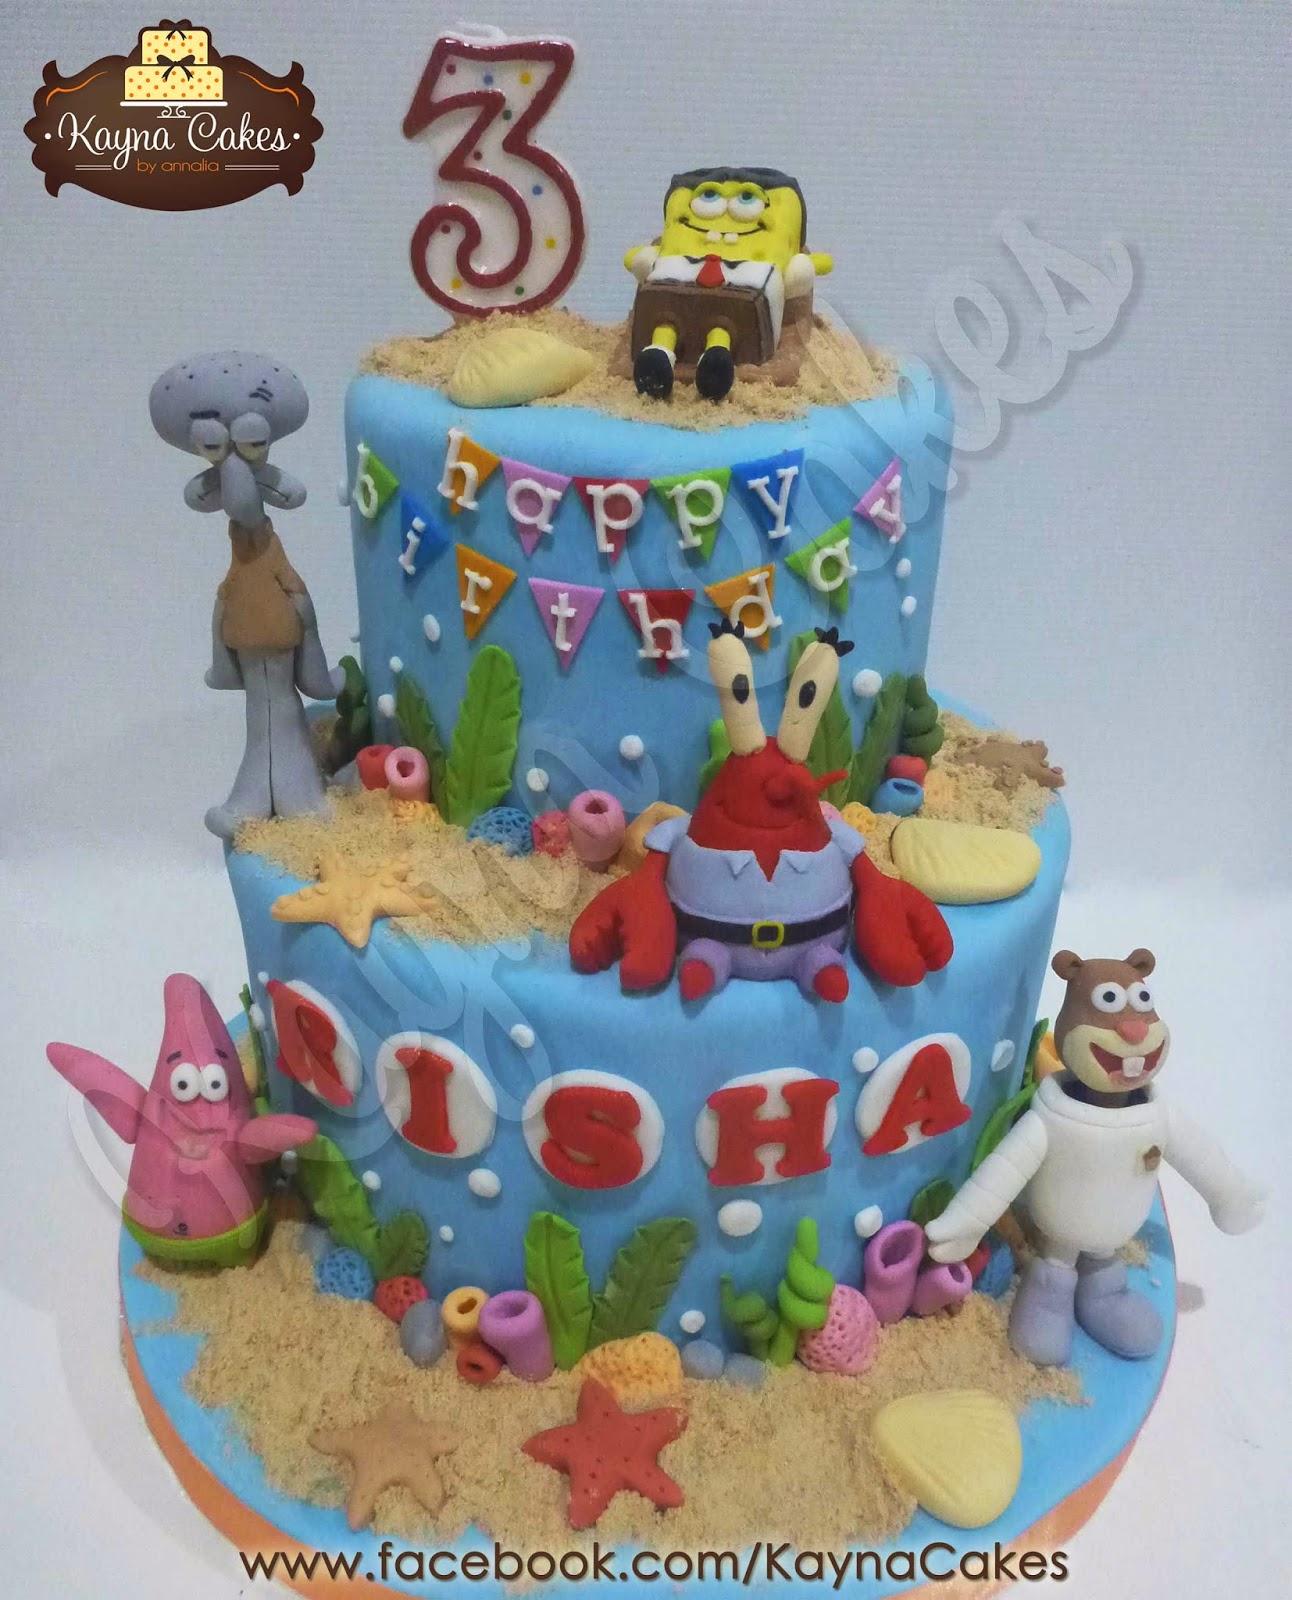 Kayna Cakes and Cupcakes Rishas 3rd Spongebob cake